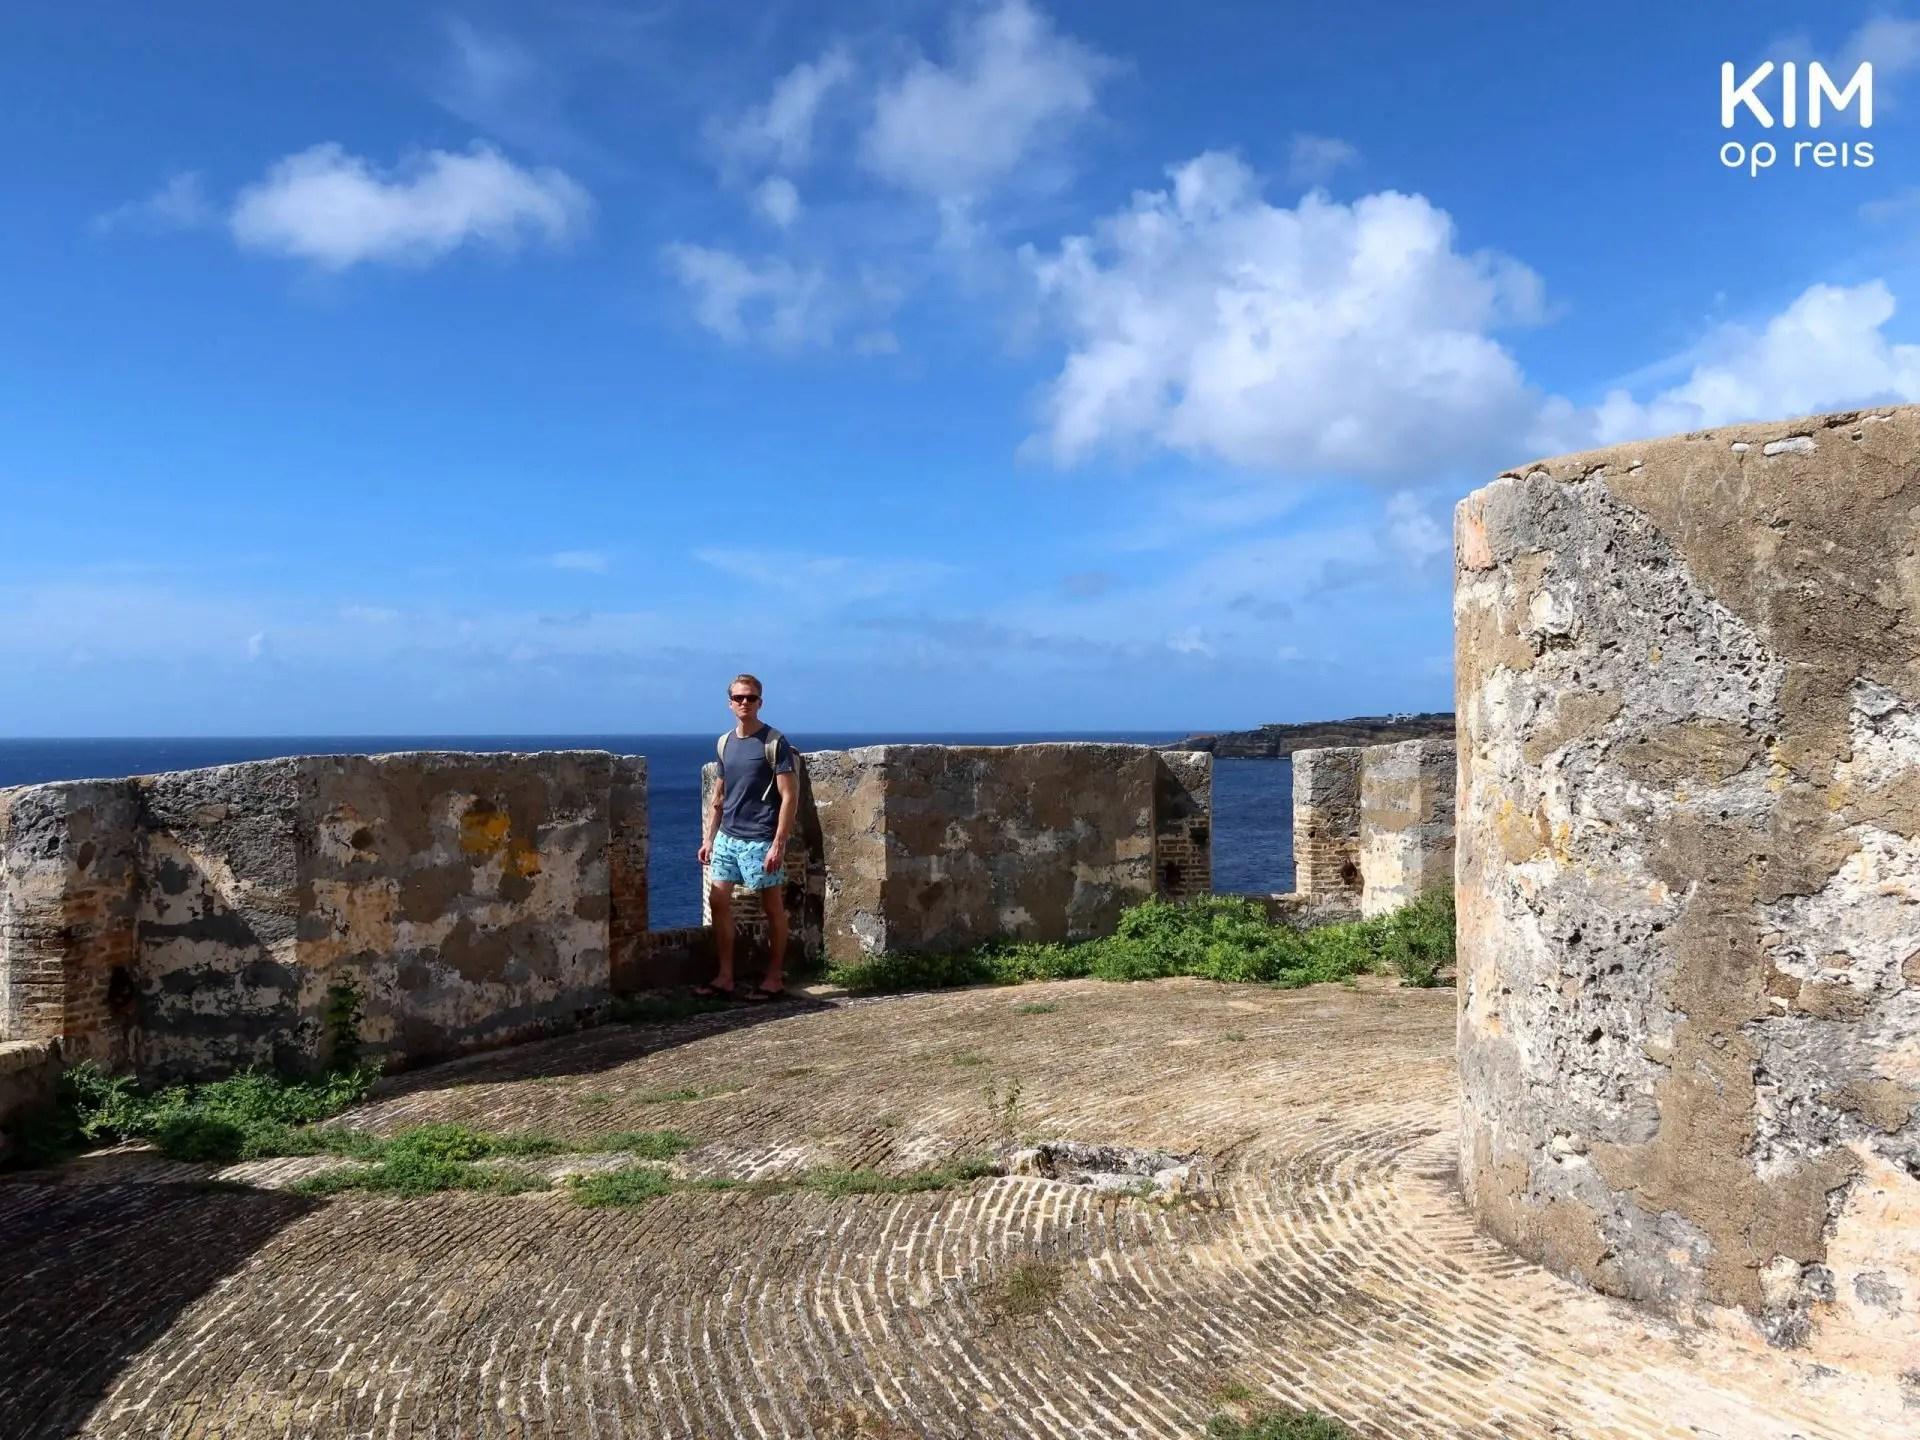 Bezienswaardigheid Curaçao Fort Beekenburg: jongen staat op het bovenste gedeelte van het fort